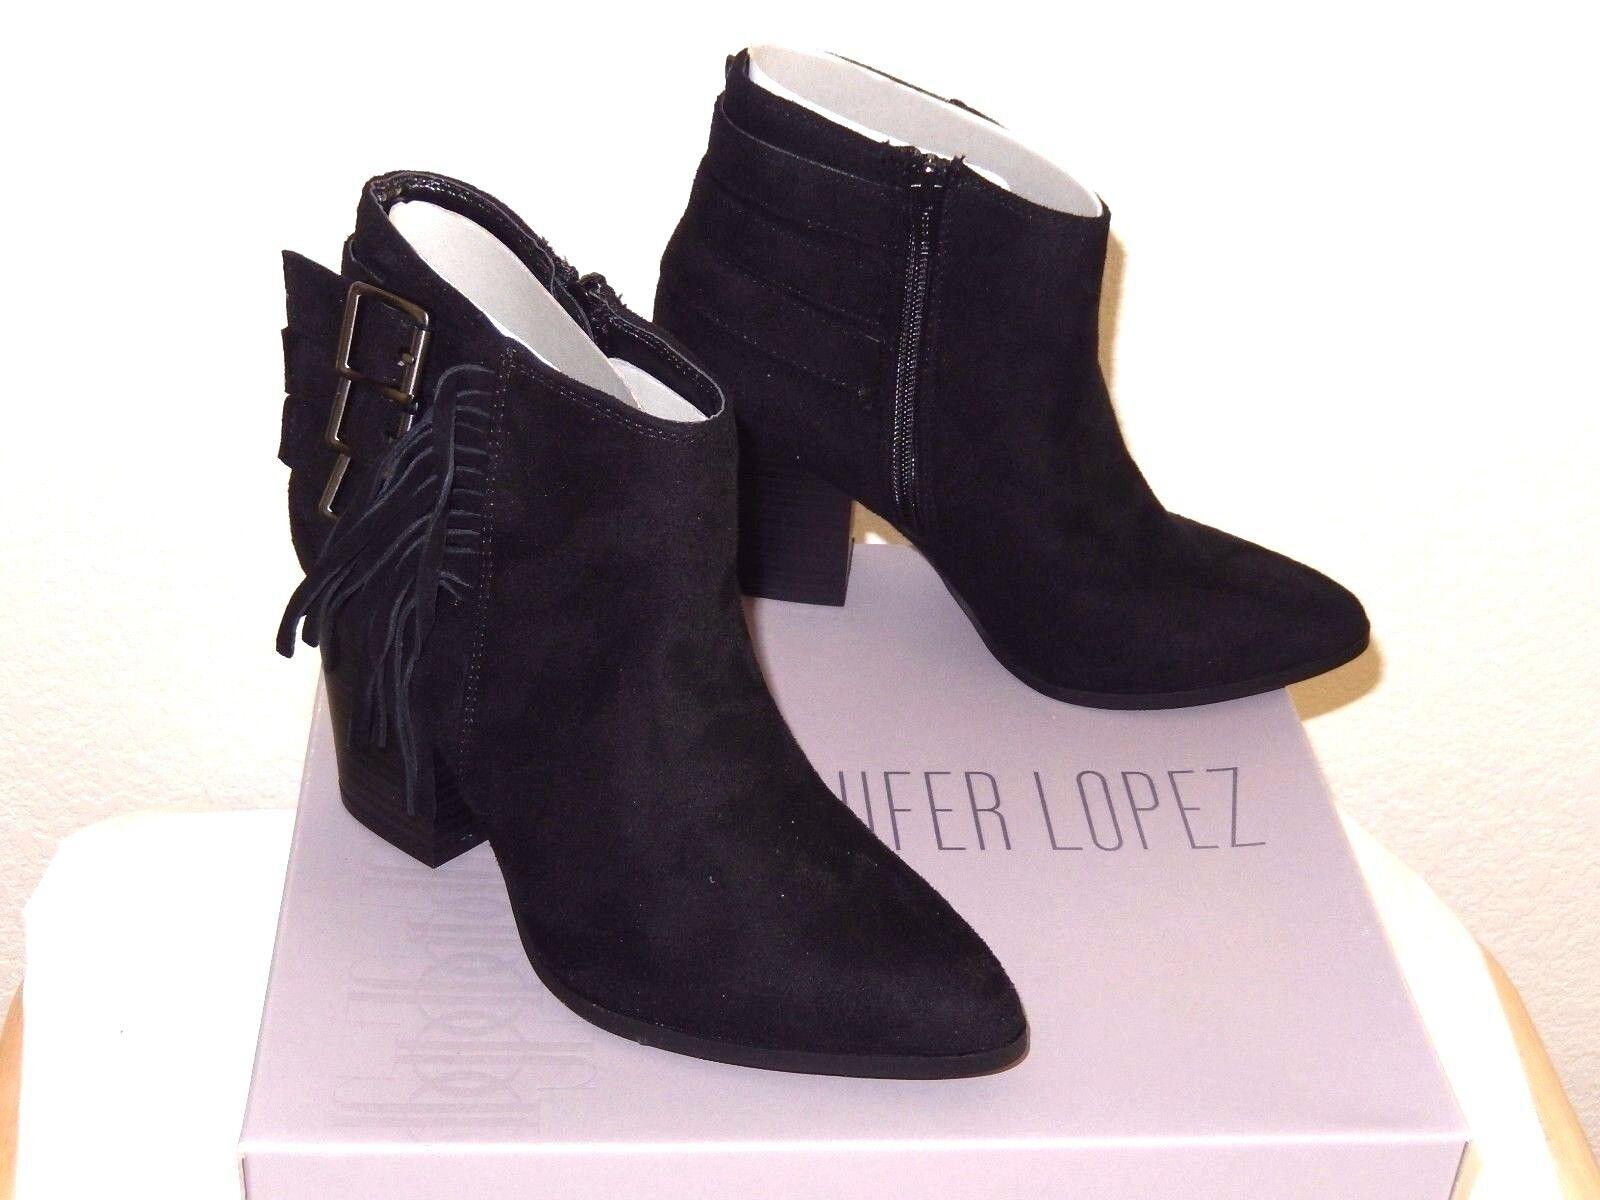 Jennifer Lopez WRENNN Ankle Stiefel-6.5, schwarz--Attractive fringe/buckle fringe/buckle fringe/buckle deco  90 131abc